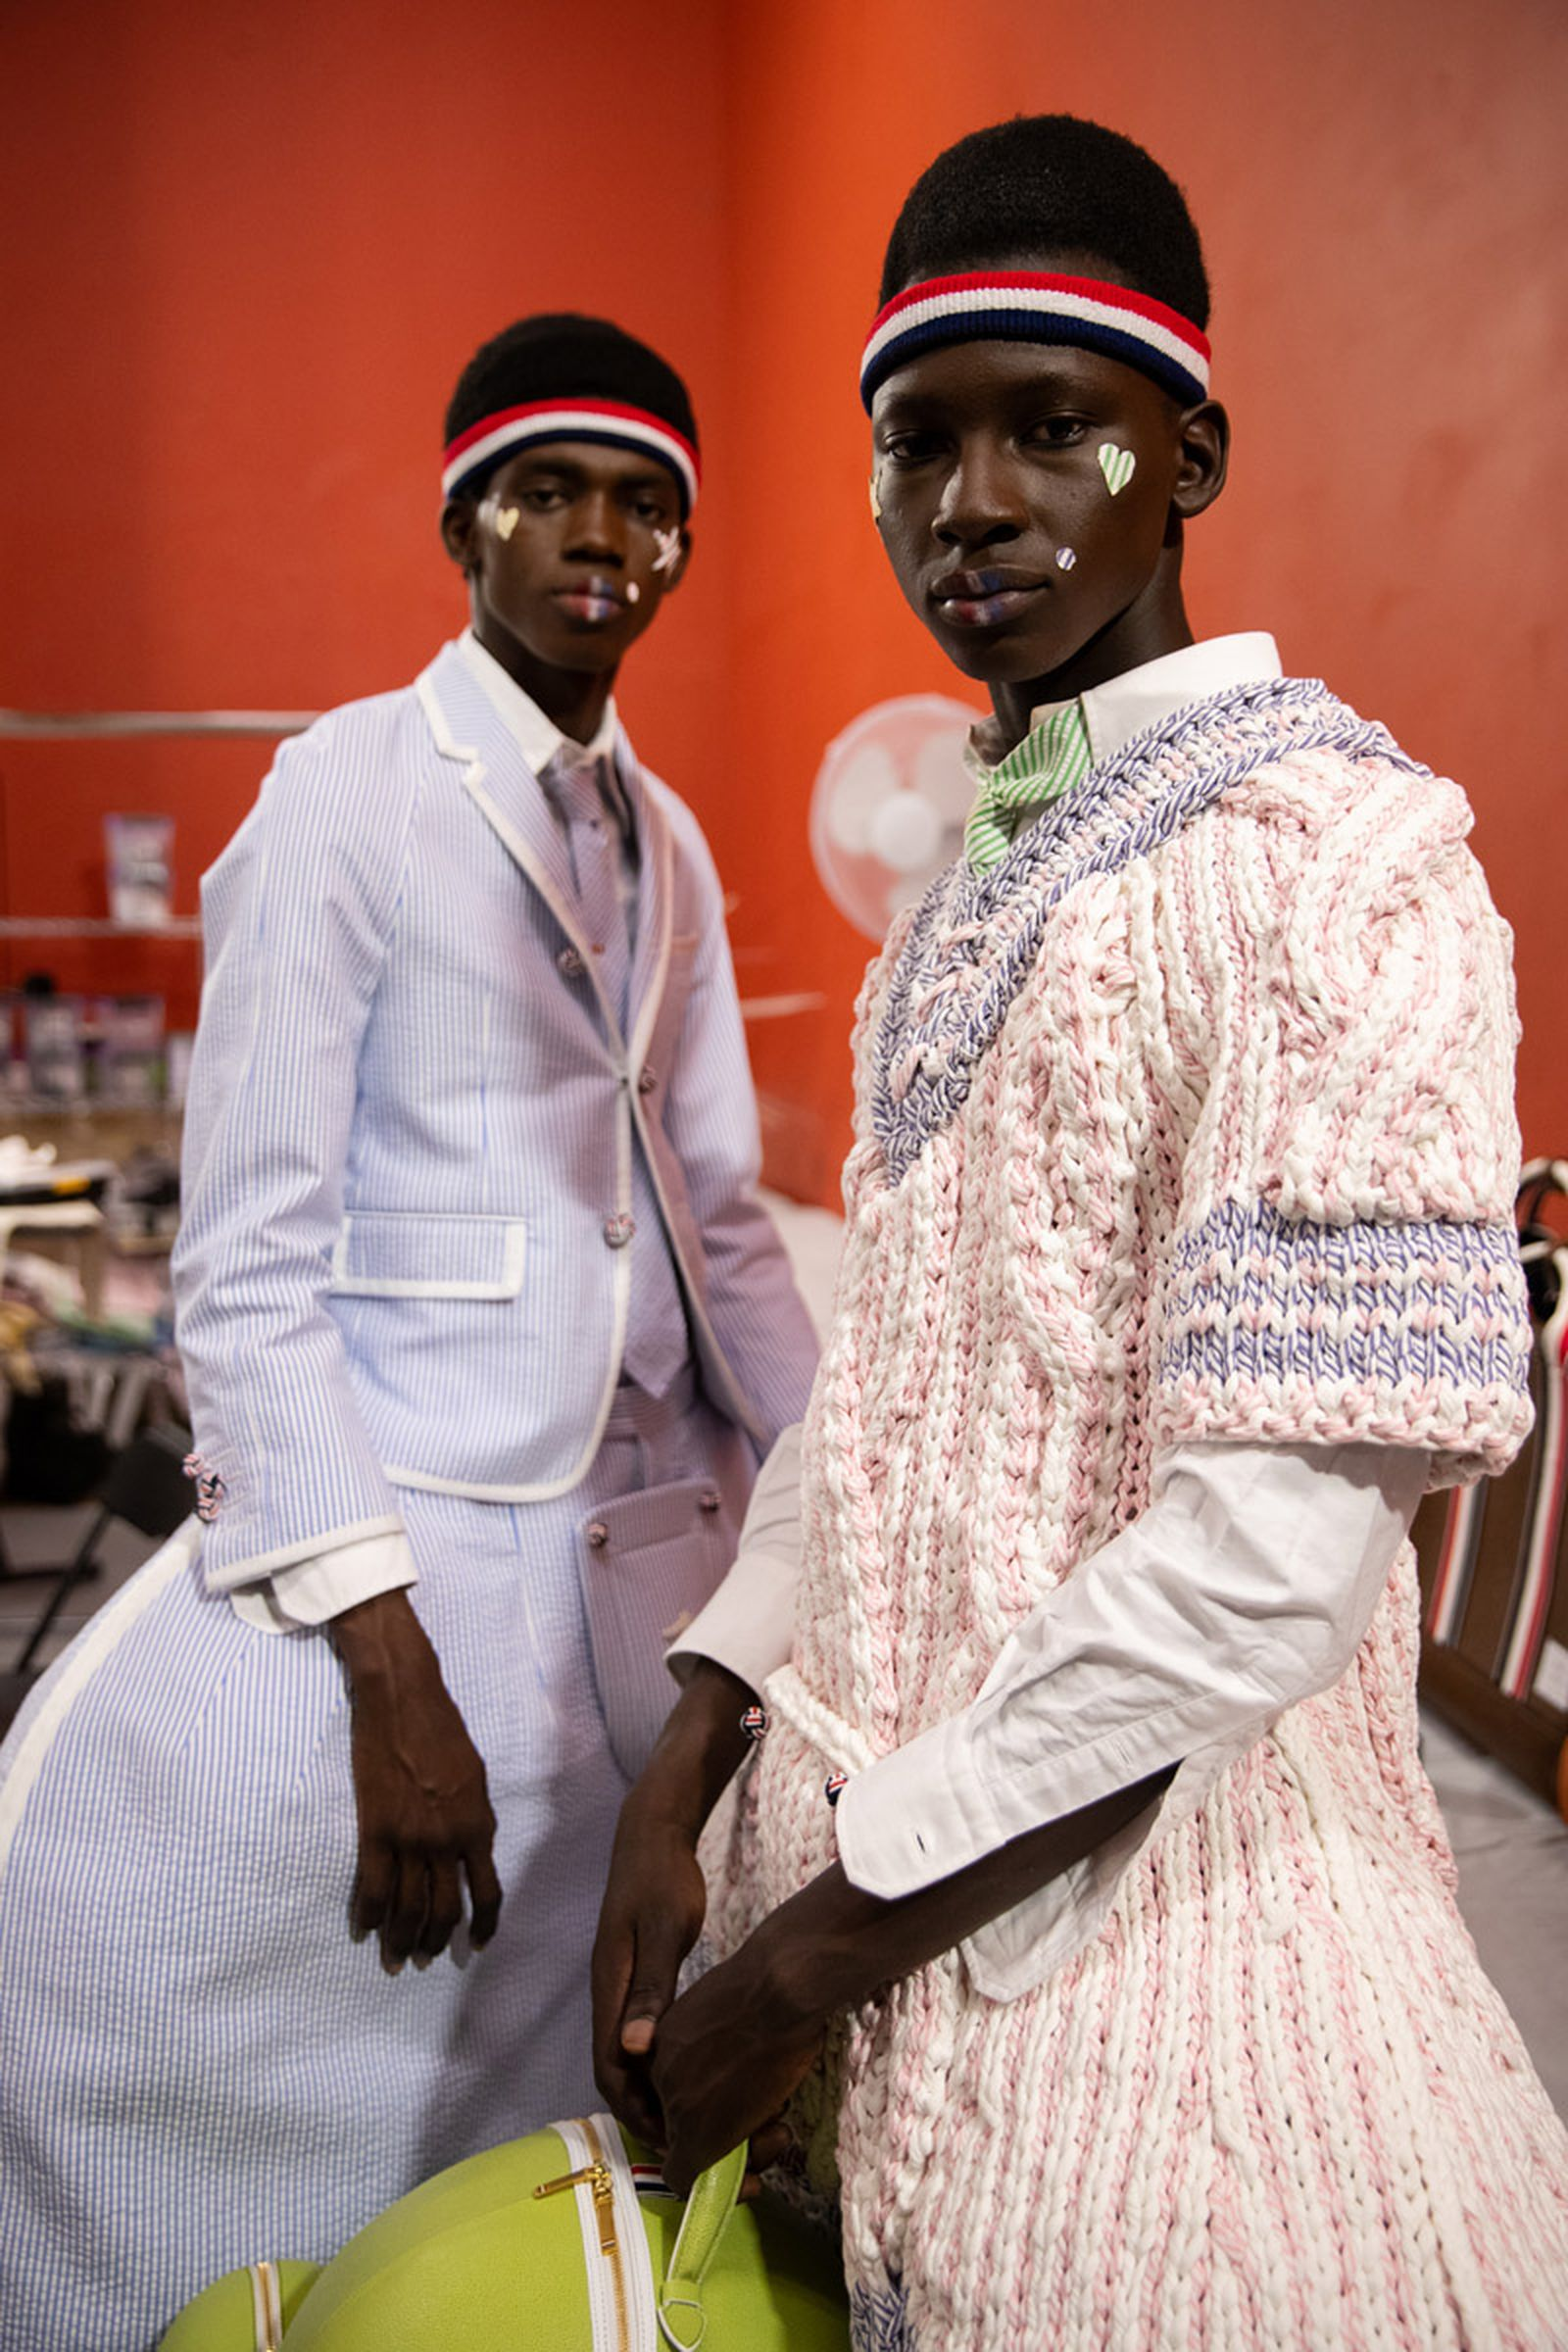 MSS20 Paris Thom Browne Eva Al Desnudo For web 10 paris fashion week runway